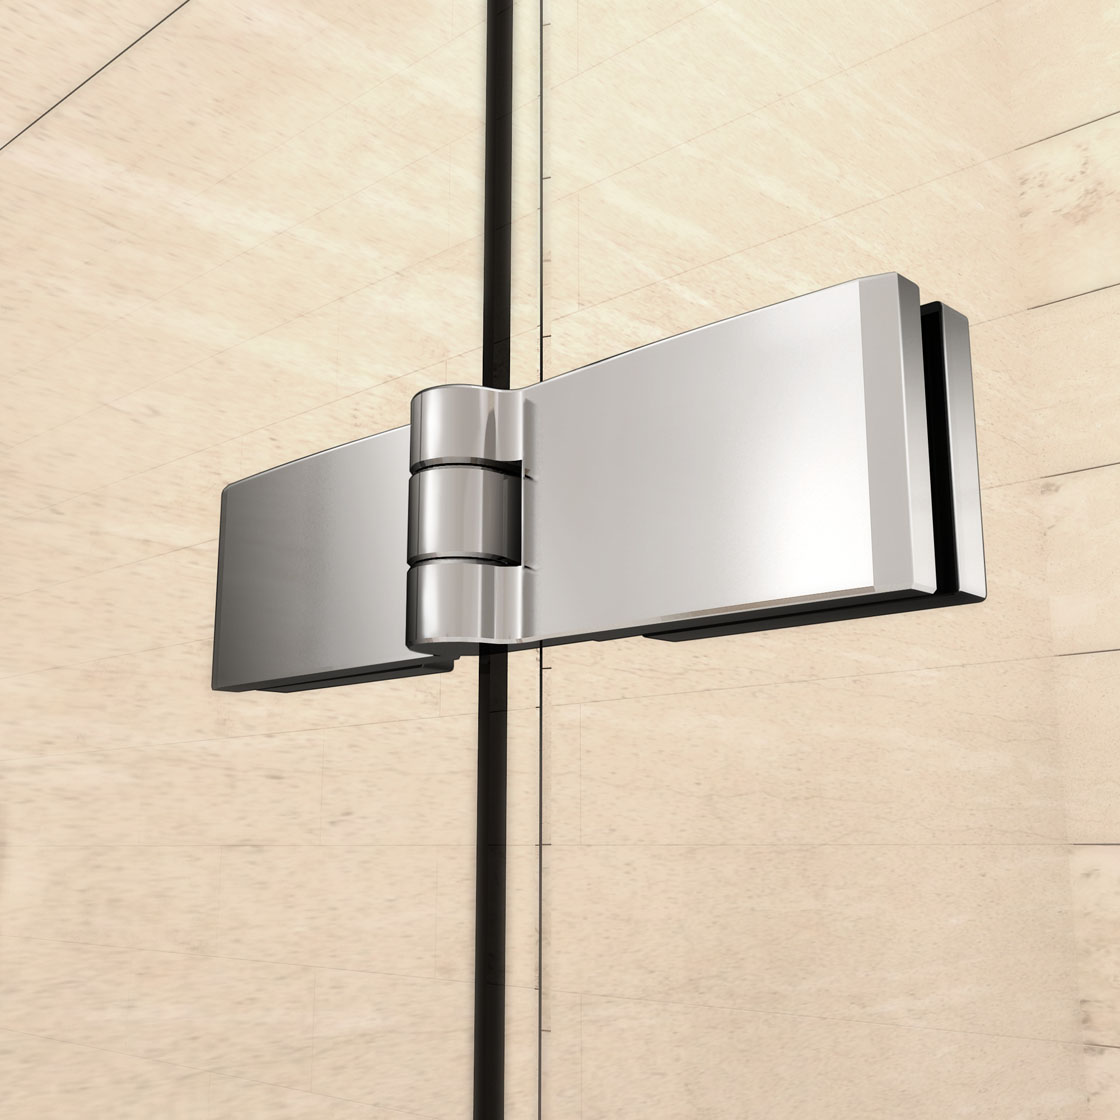 Aica Frameless Pivot Bi Fold Shower Door Enclosure Glass Screen 700